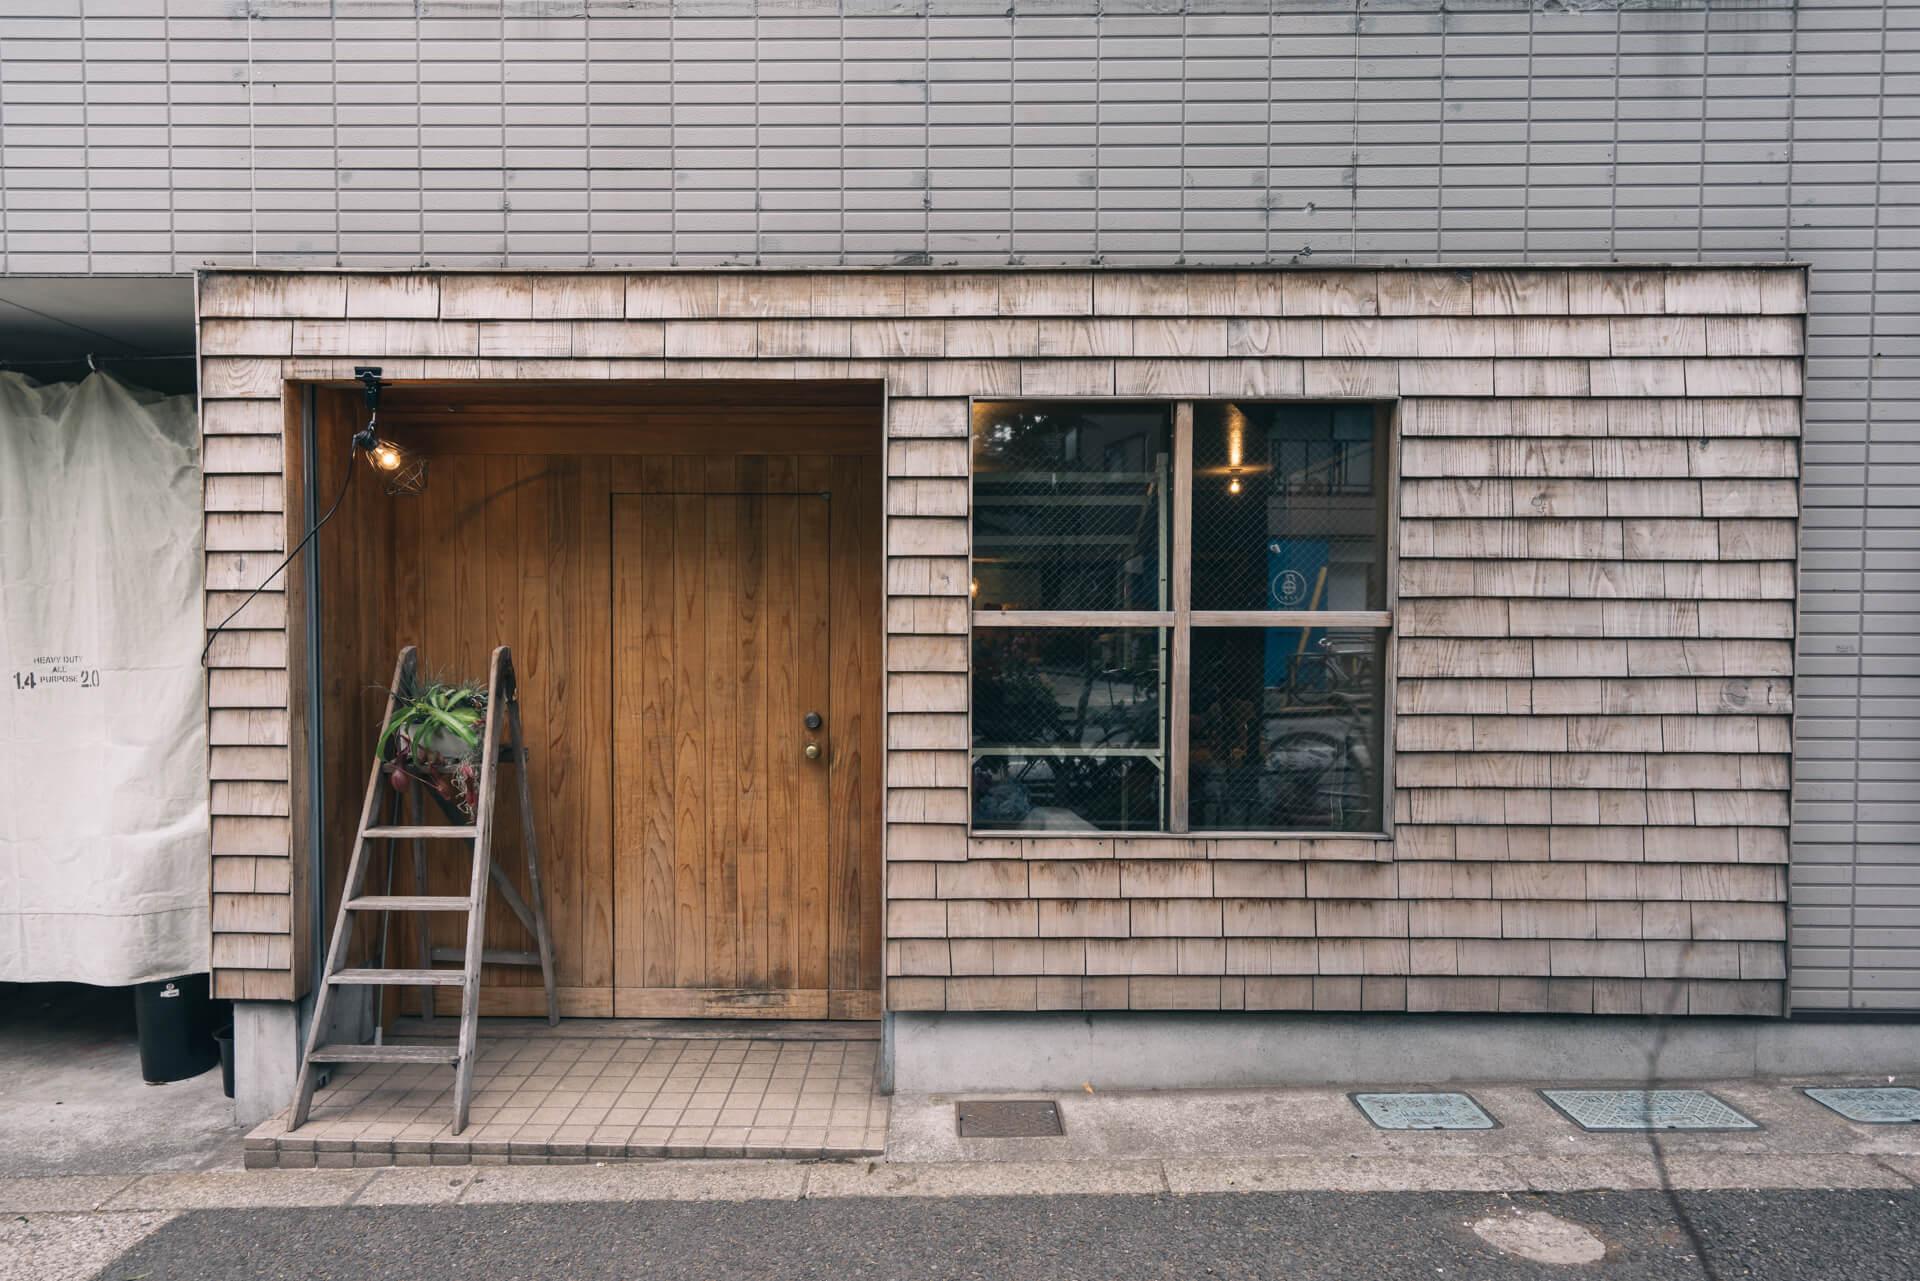 駅から少し離れたところにある『farver』、素敵な木のドアを開けてみると……